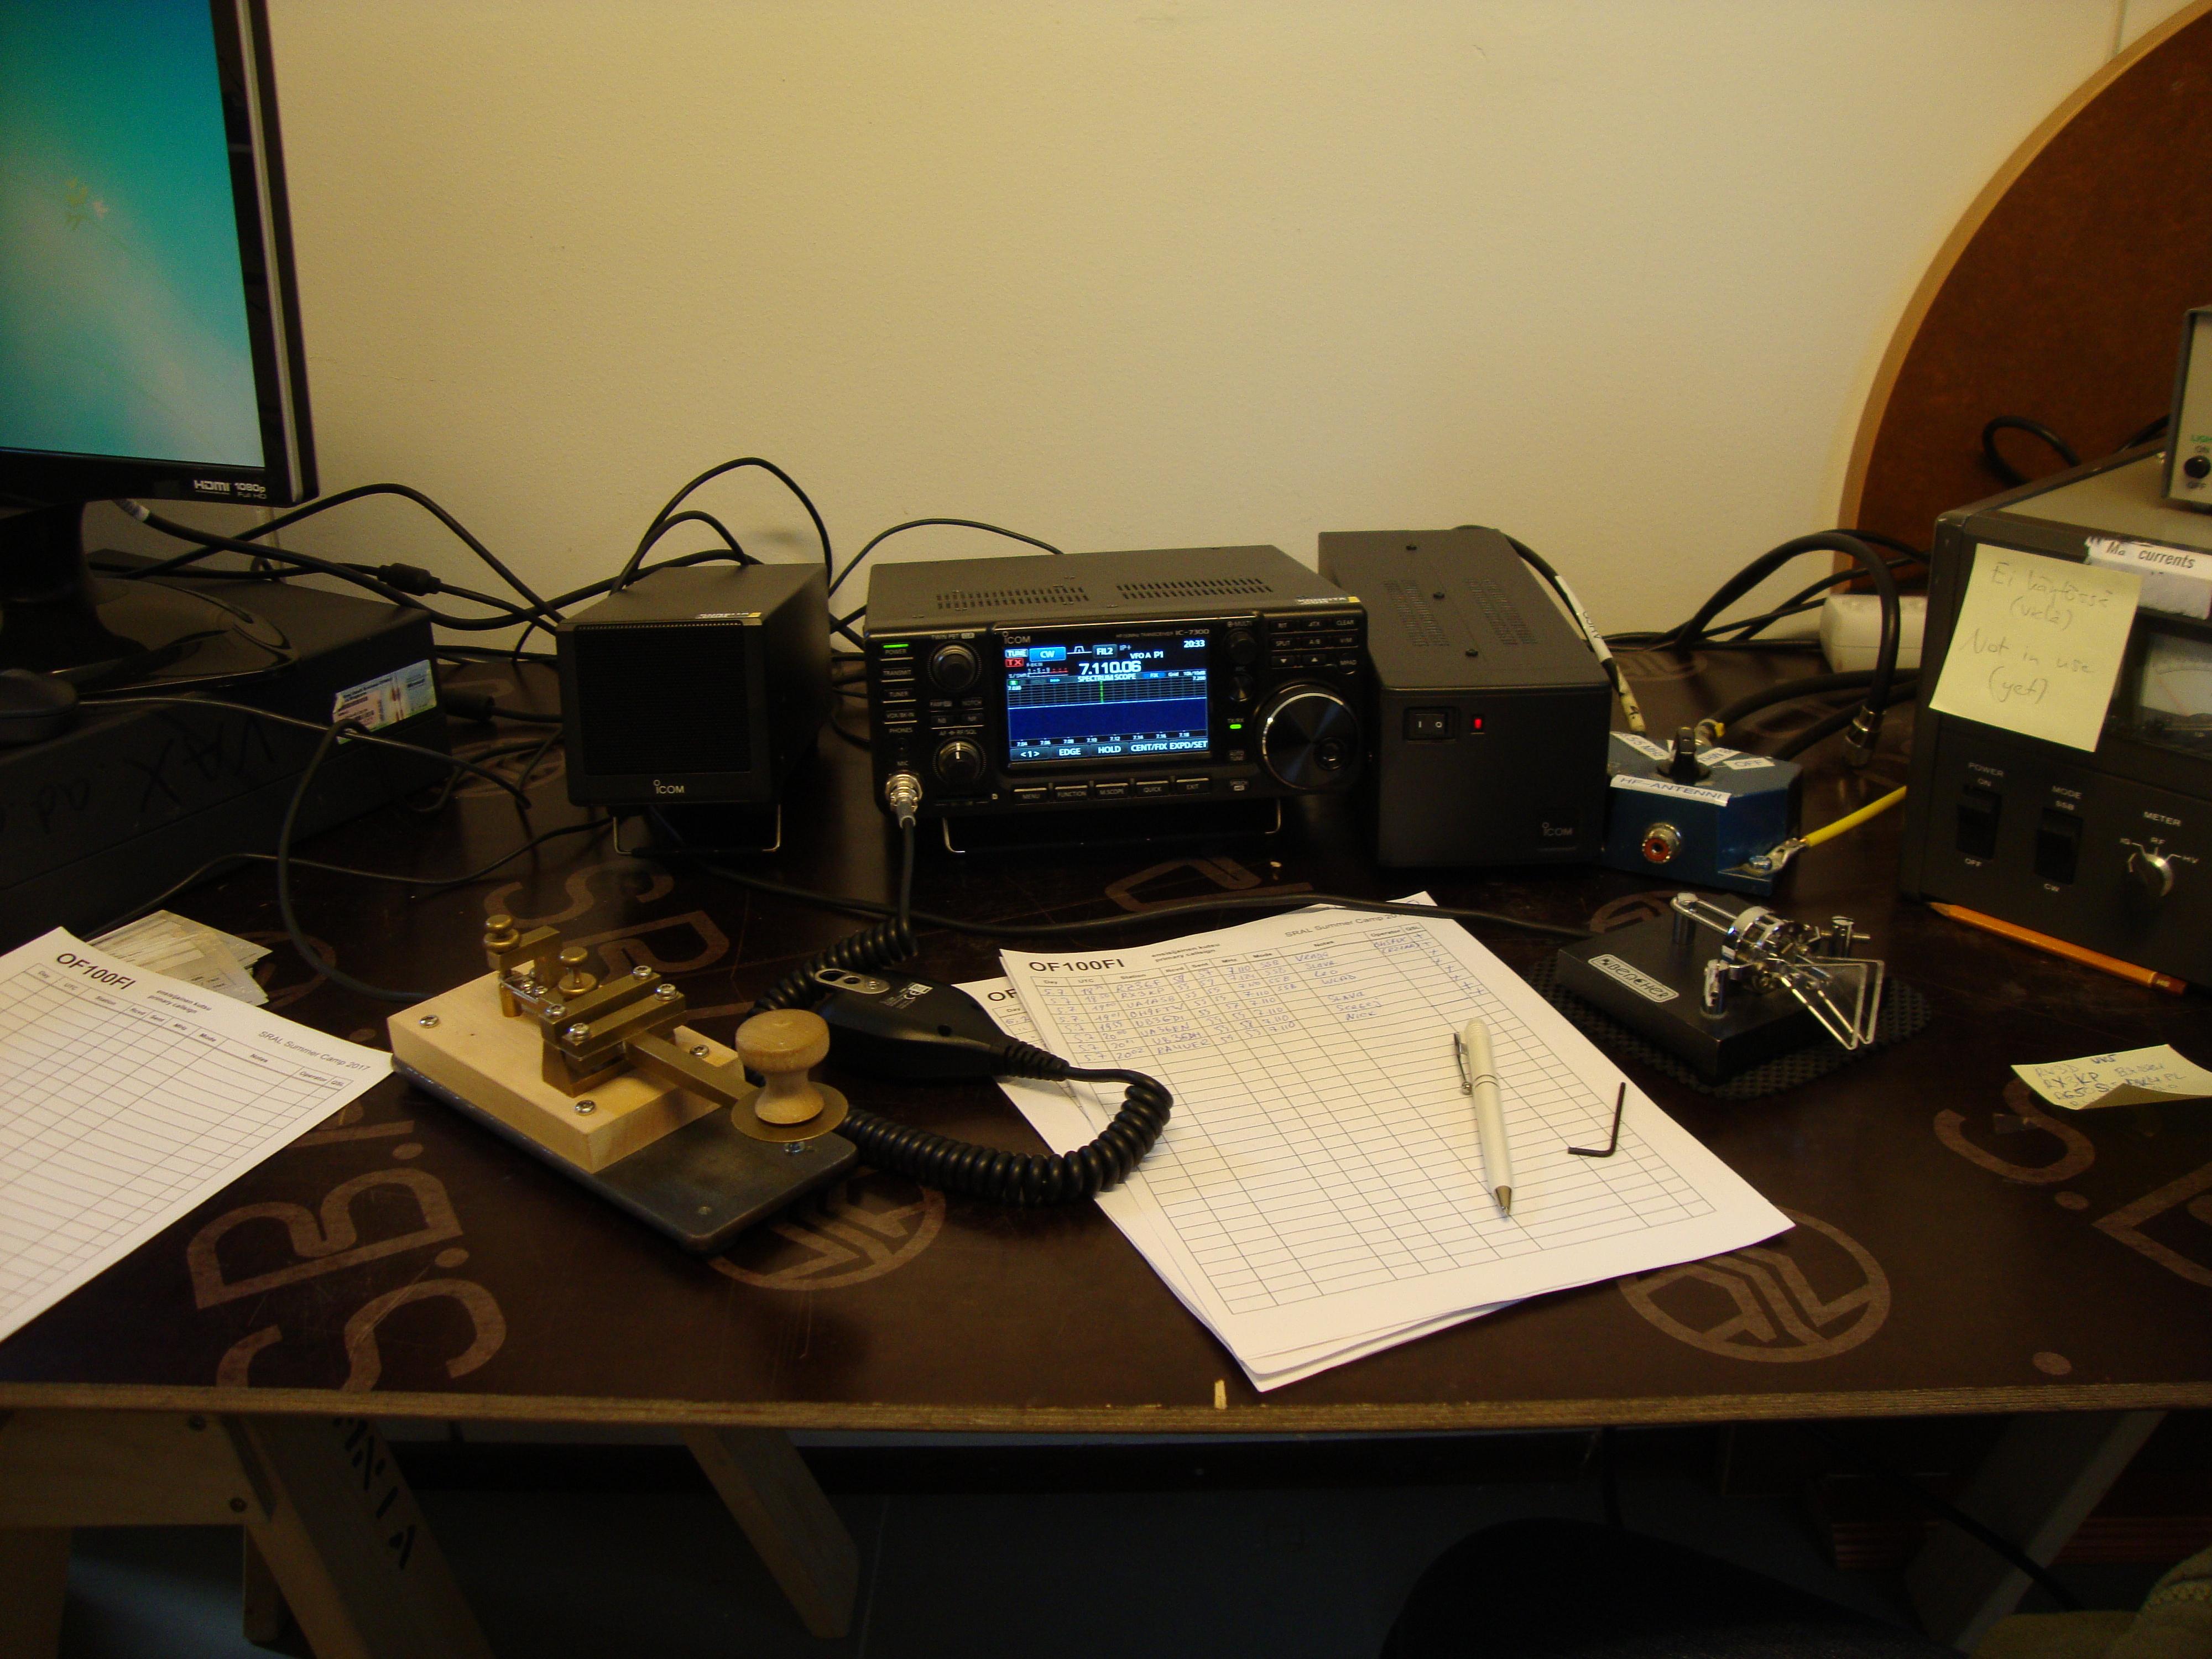 Radio ja sähkötysavaimia.